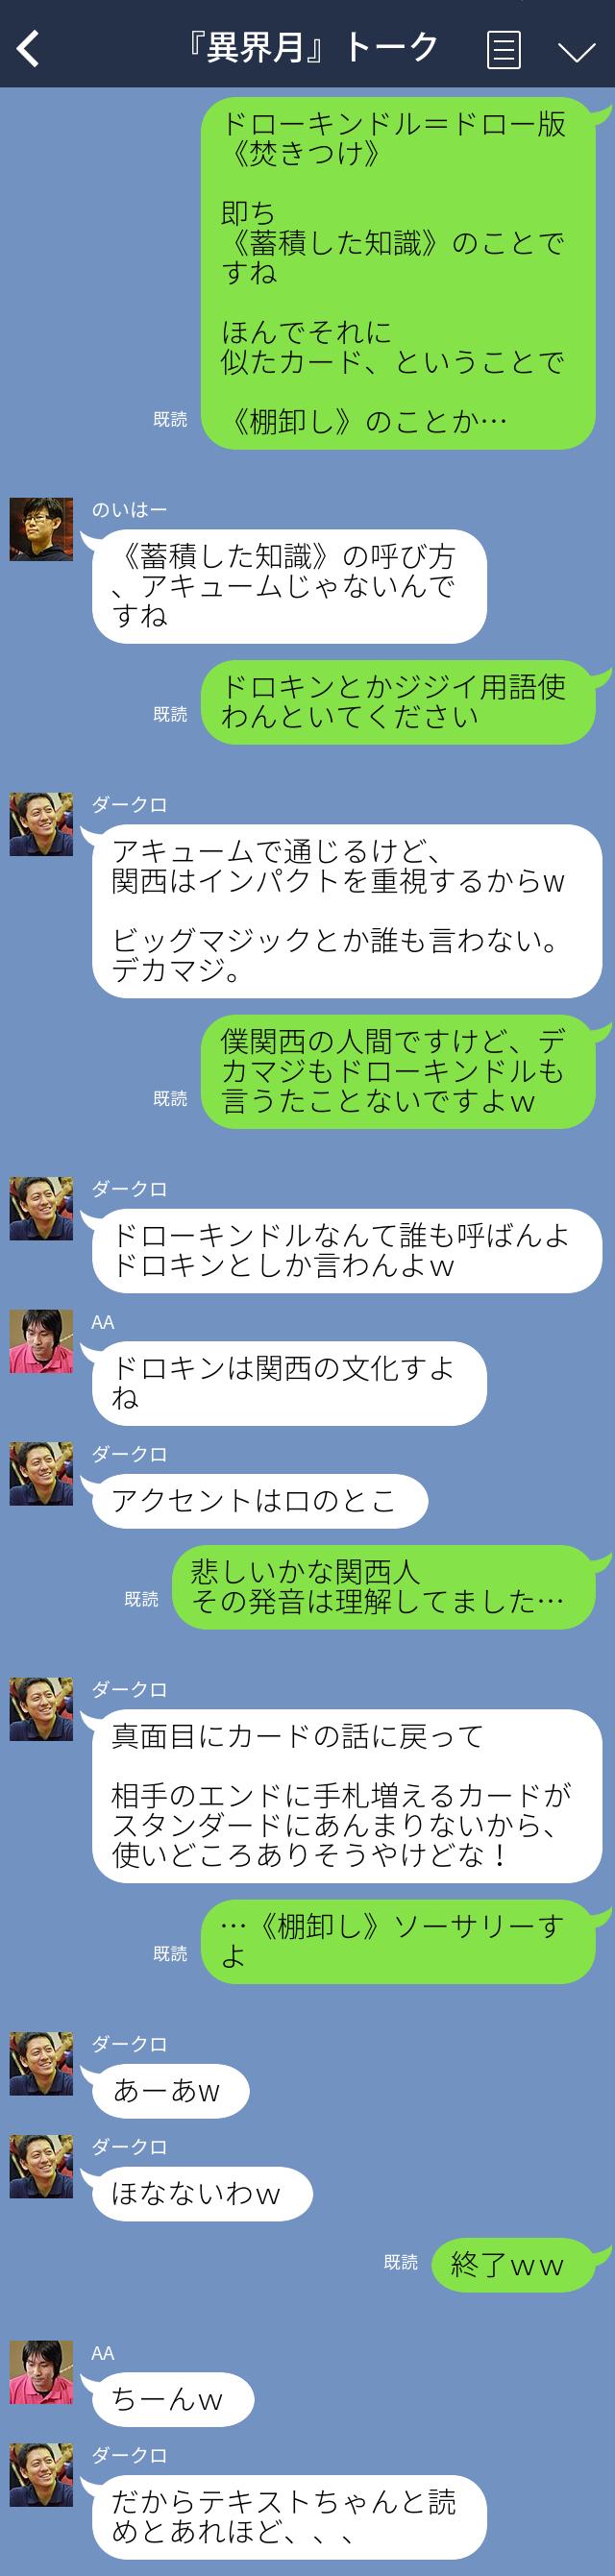 ライン風5